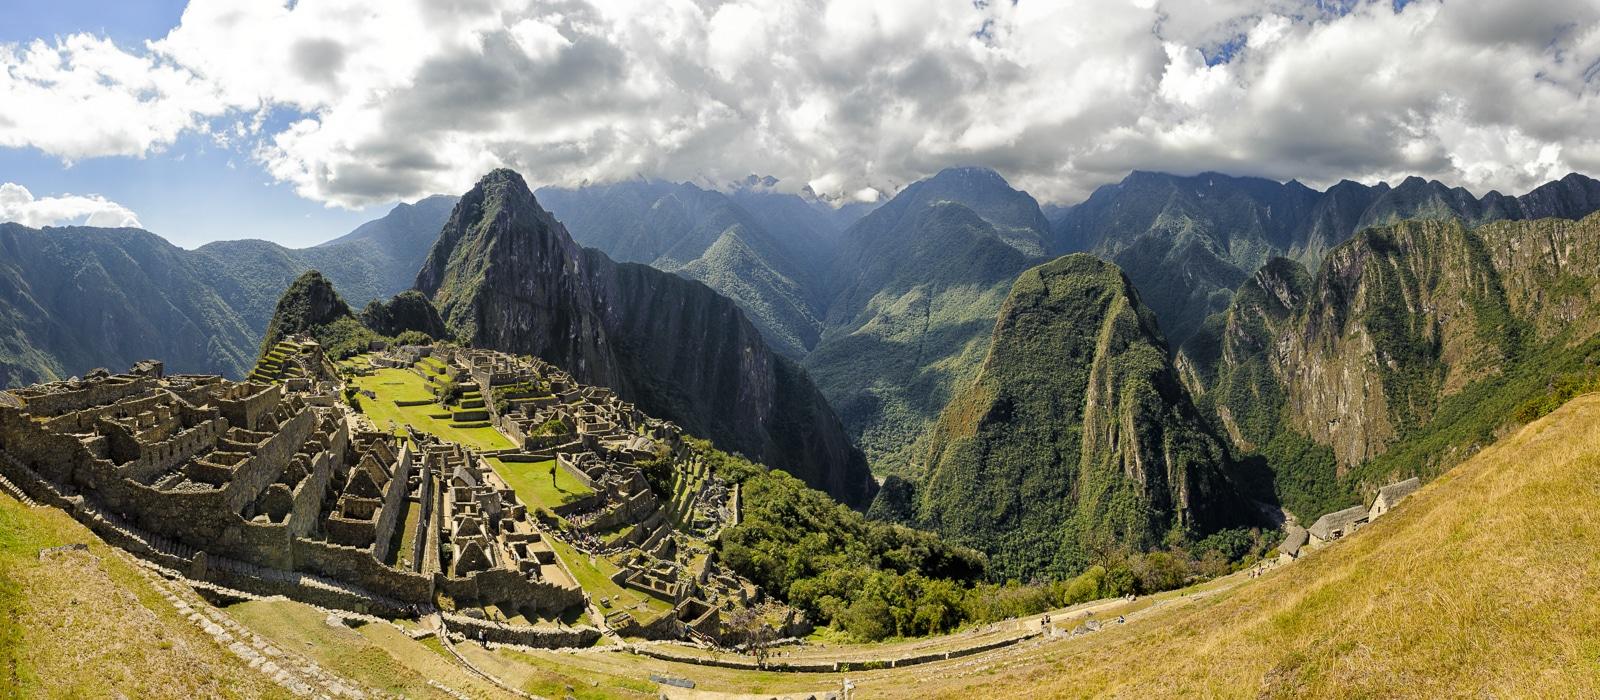 Machu Picchu, Pérou - Voyage organisé en petit groupe offert par l'agence de voyage Les routes du Monde